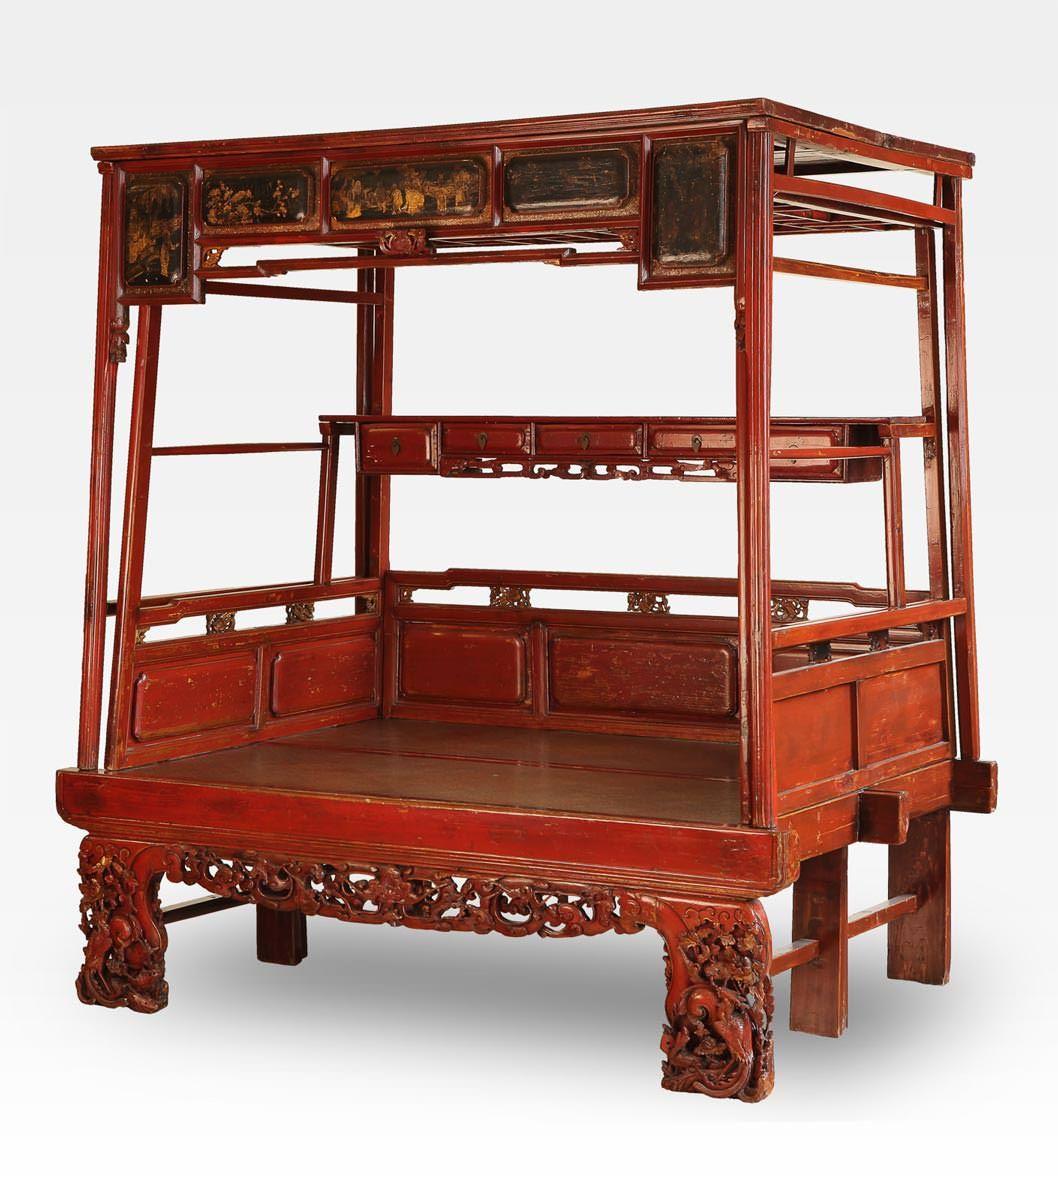 Le Cinesi A Letto.Cod 0008 0051 Antico Letto Cinese H 215 Cm L 233 Cm P